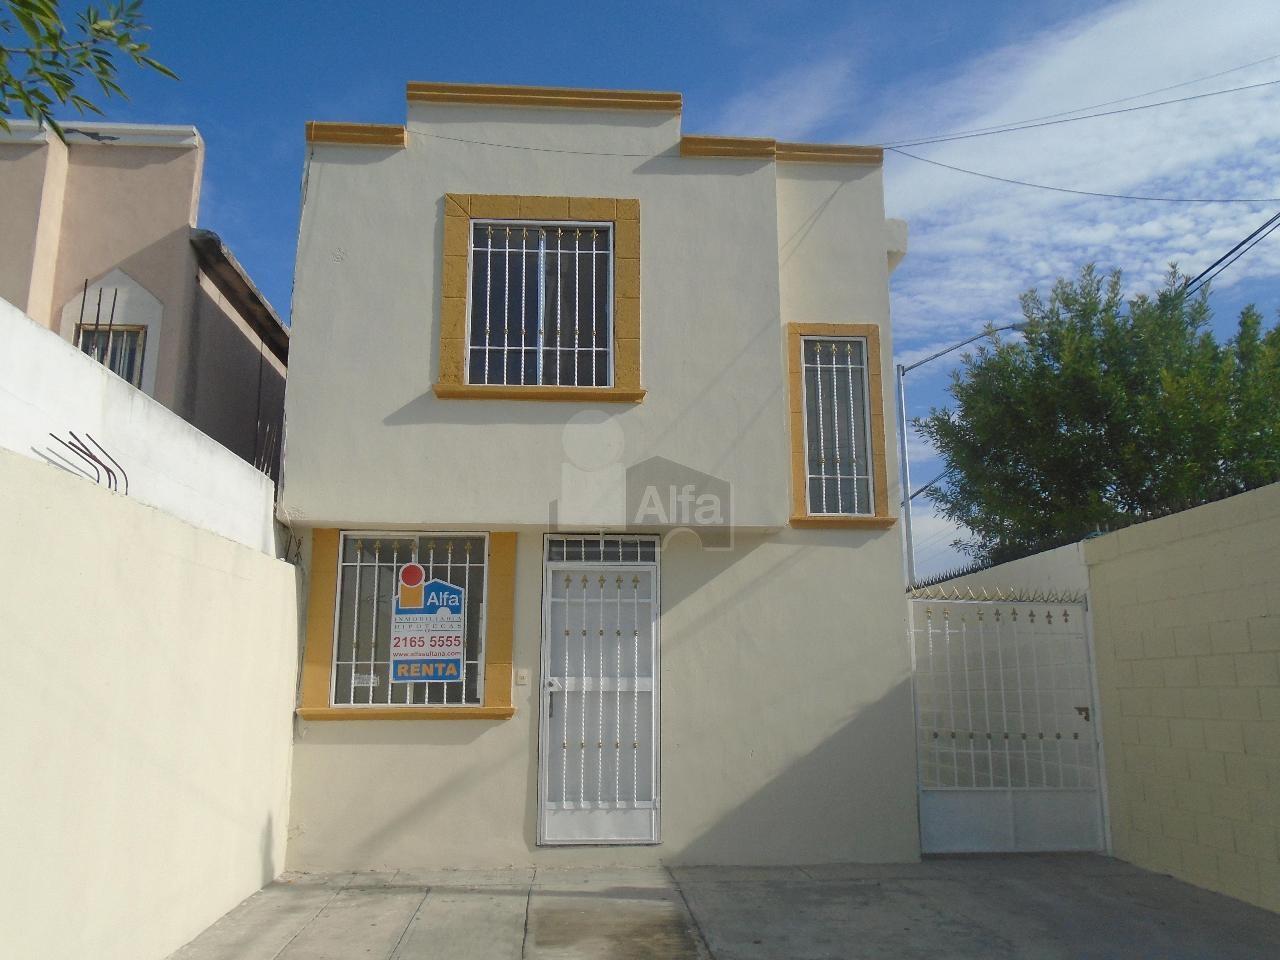 Casa en renta en arboledas de escobedo goplaceit for Casas de renta en escobedo